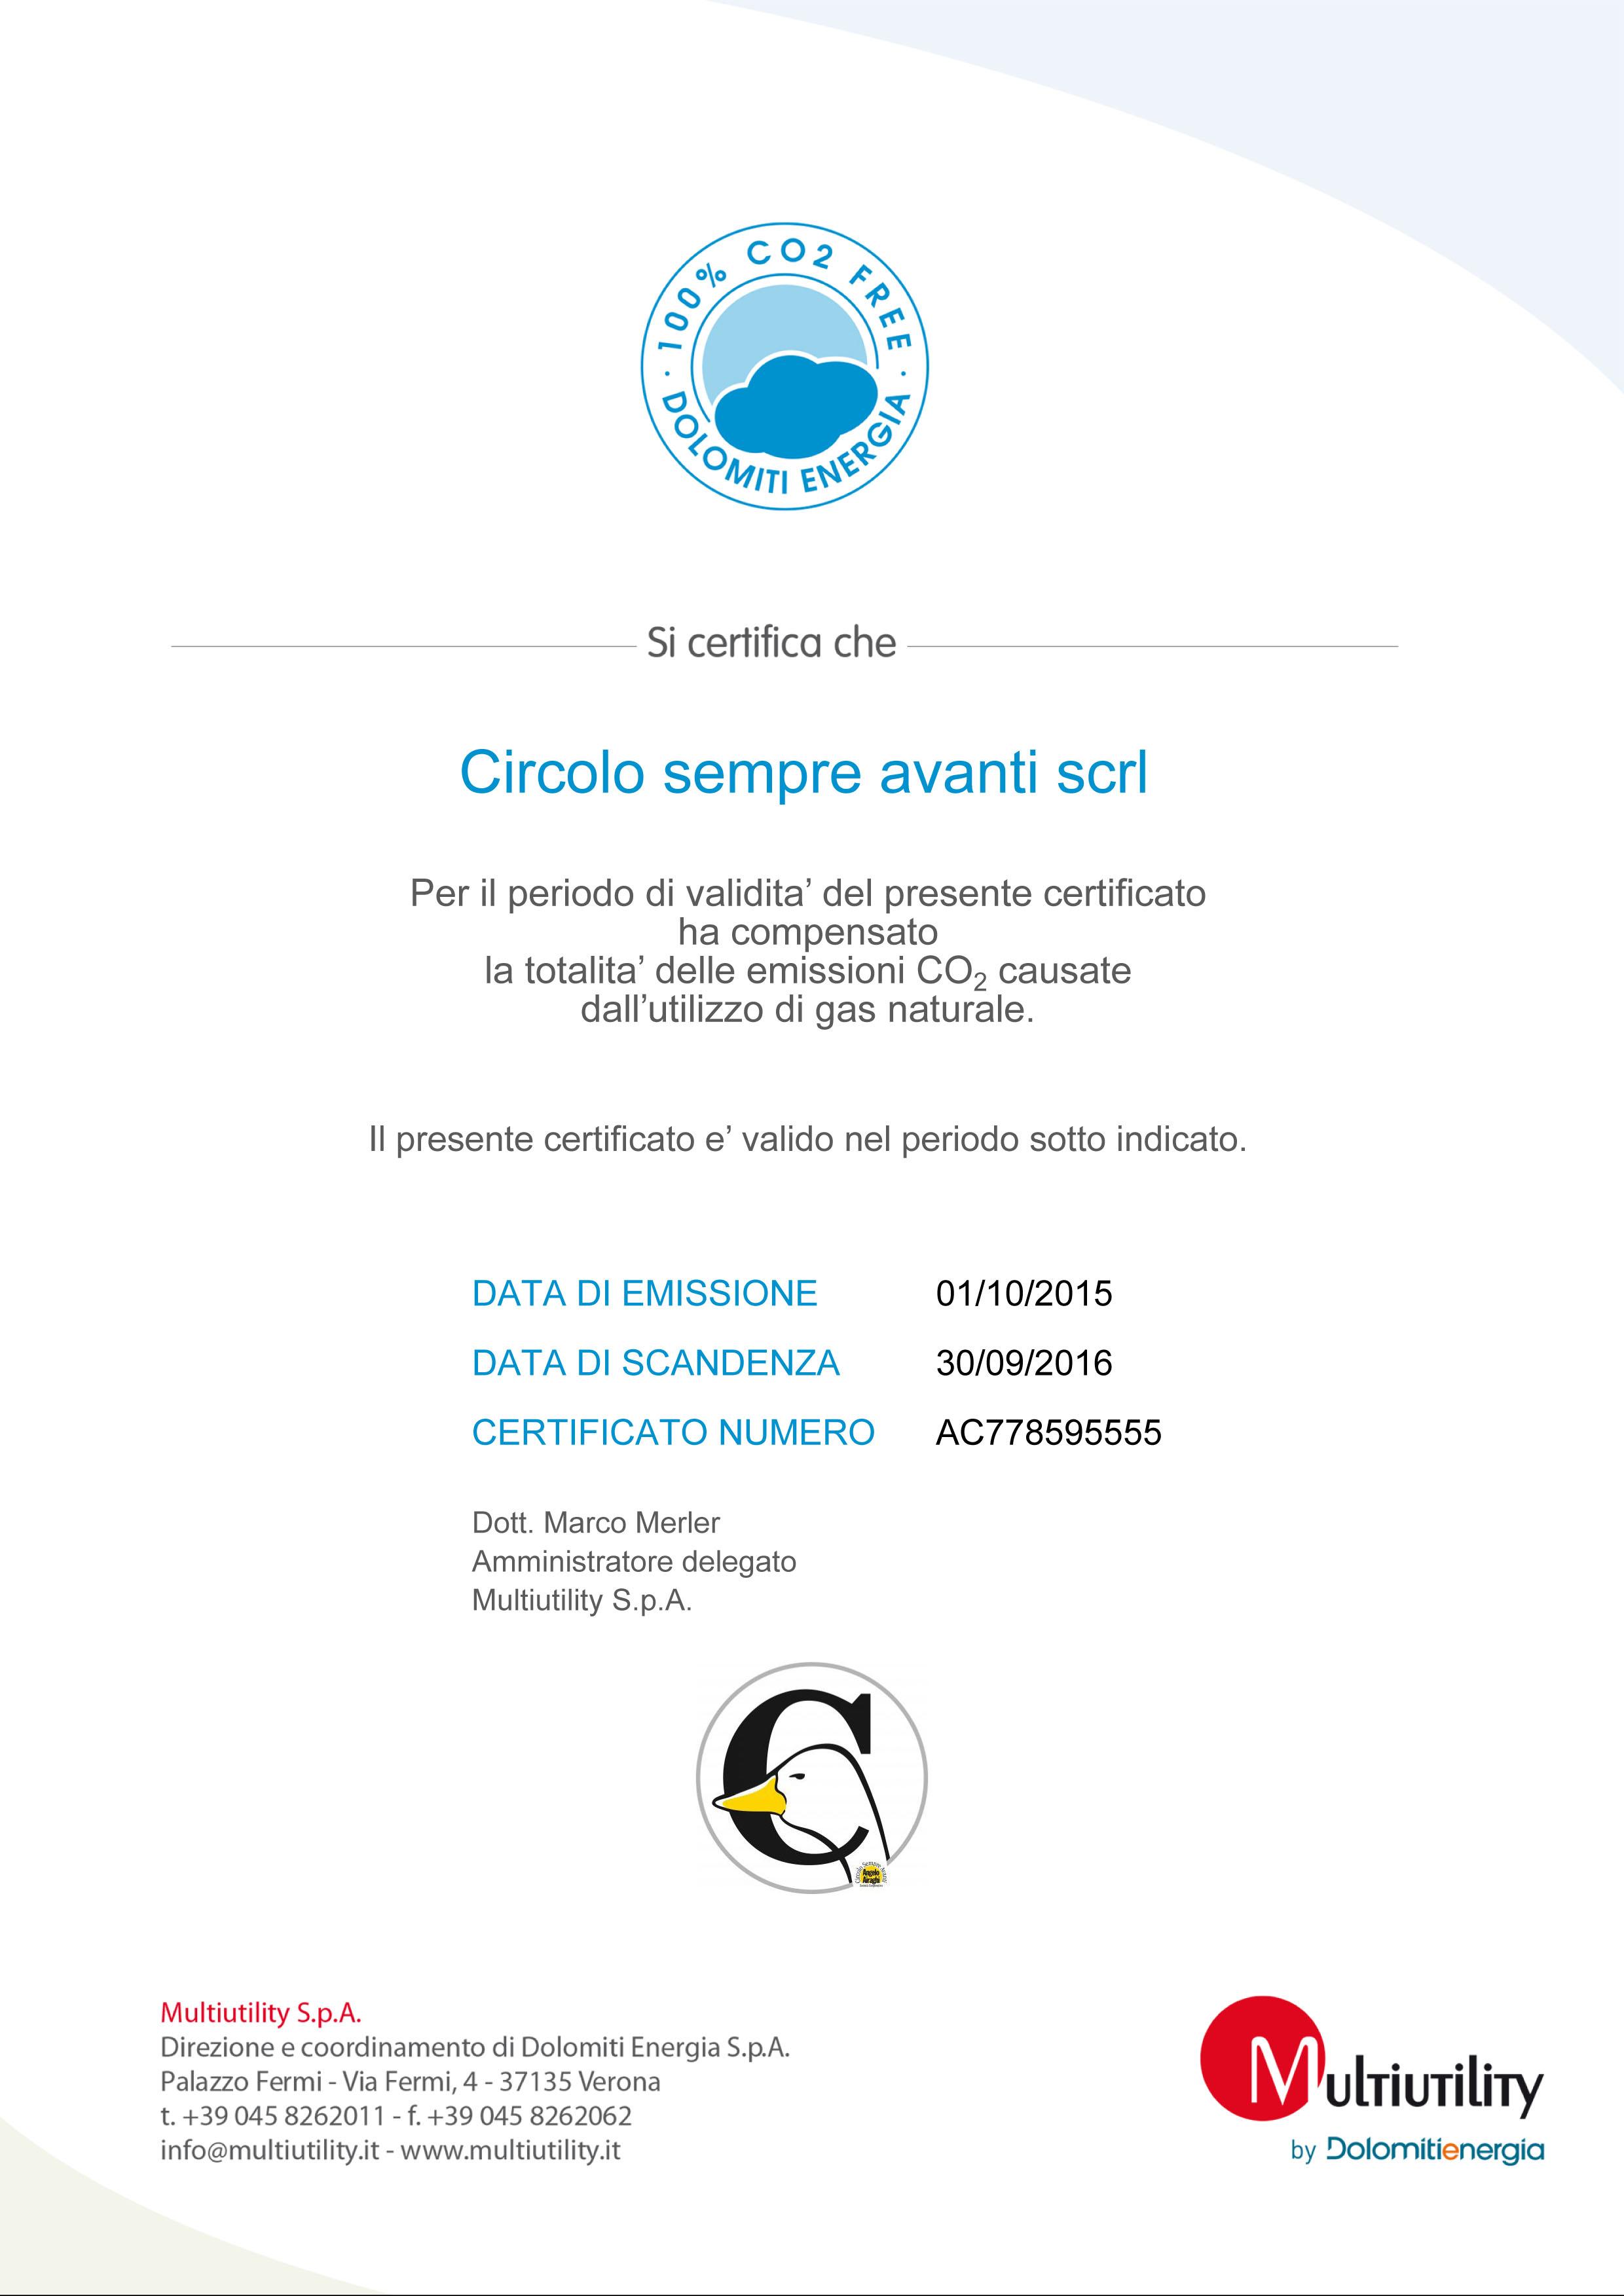 certificato_co2_circolo